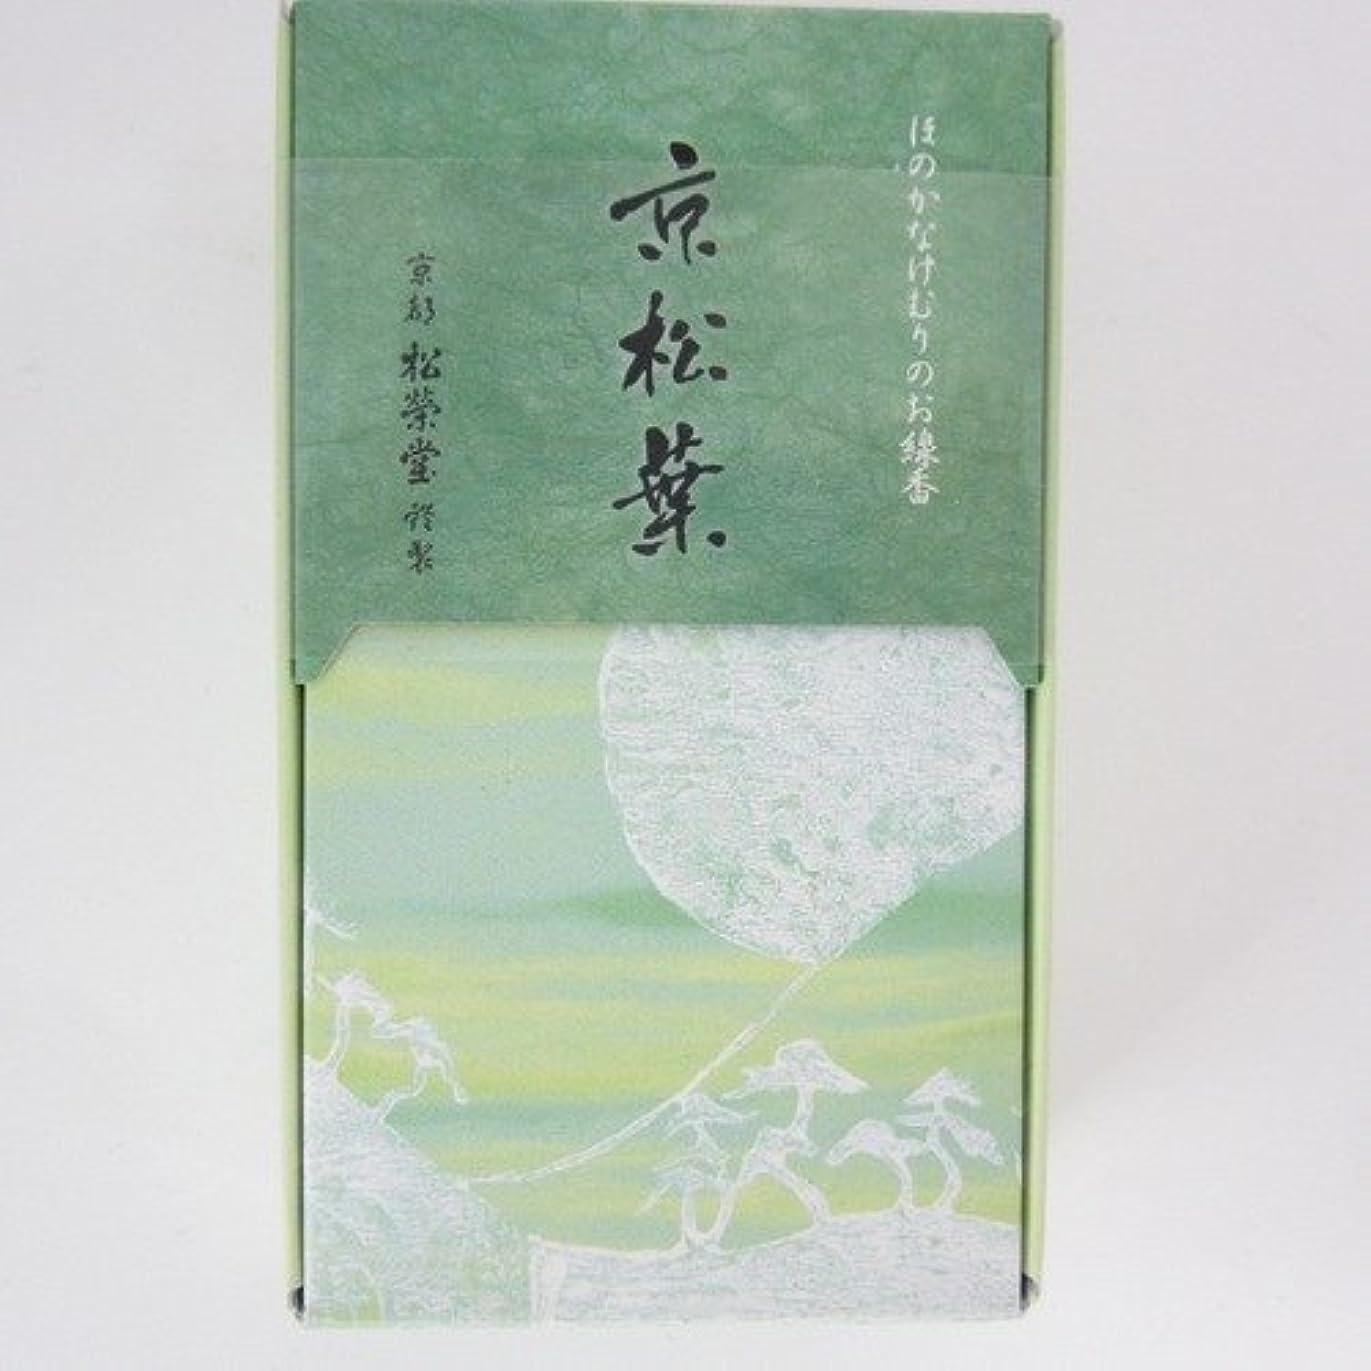 熟考するカンガルー適応的松栄堂 玉響シリーズ お香 京松葉 45g